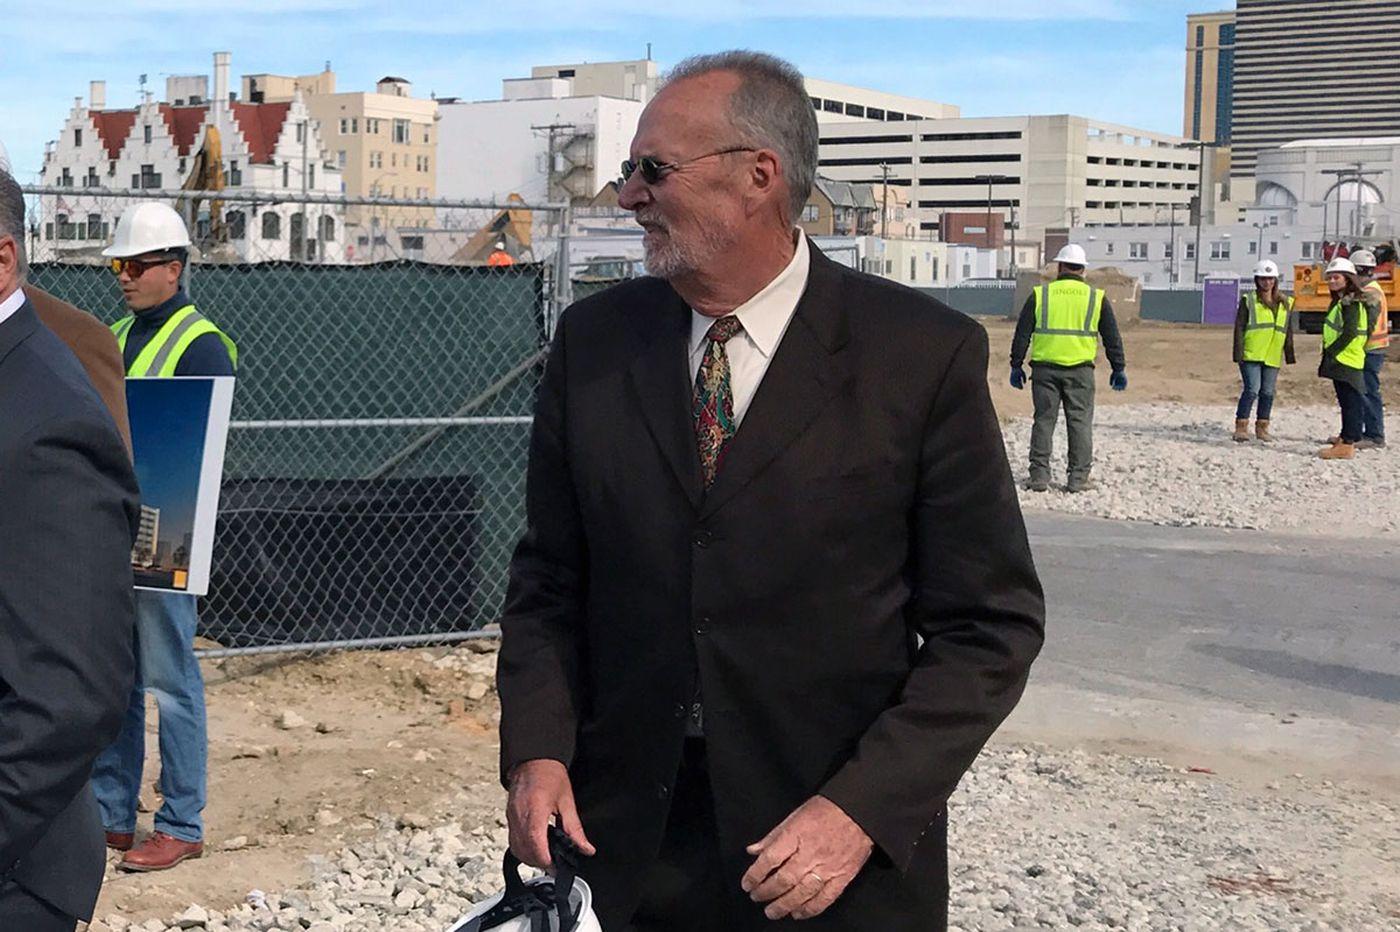 Jim Whelan, longtime South Jersey pol, won't seek reelection to state Senate